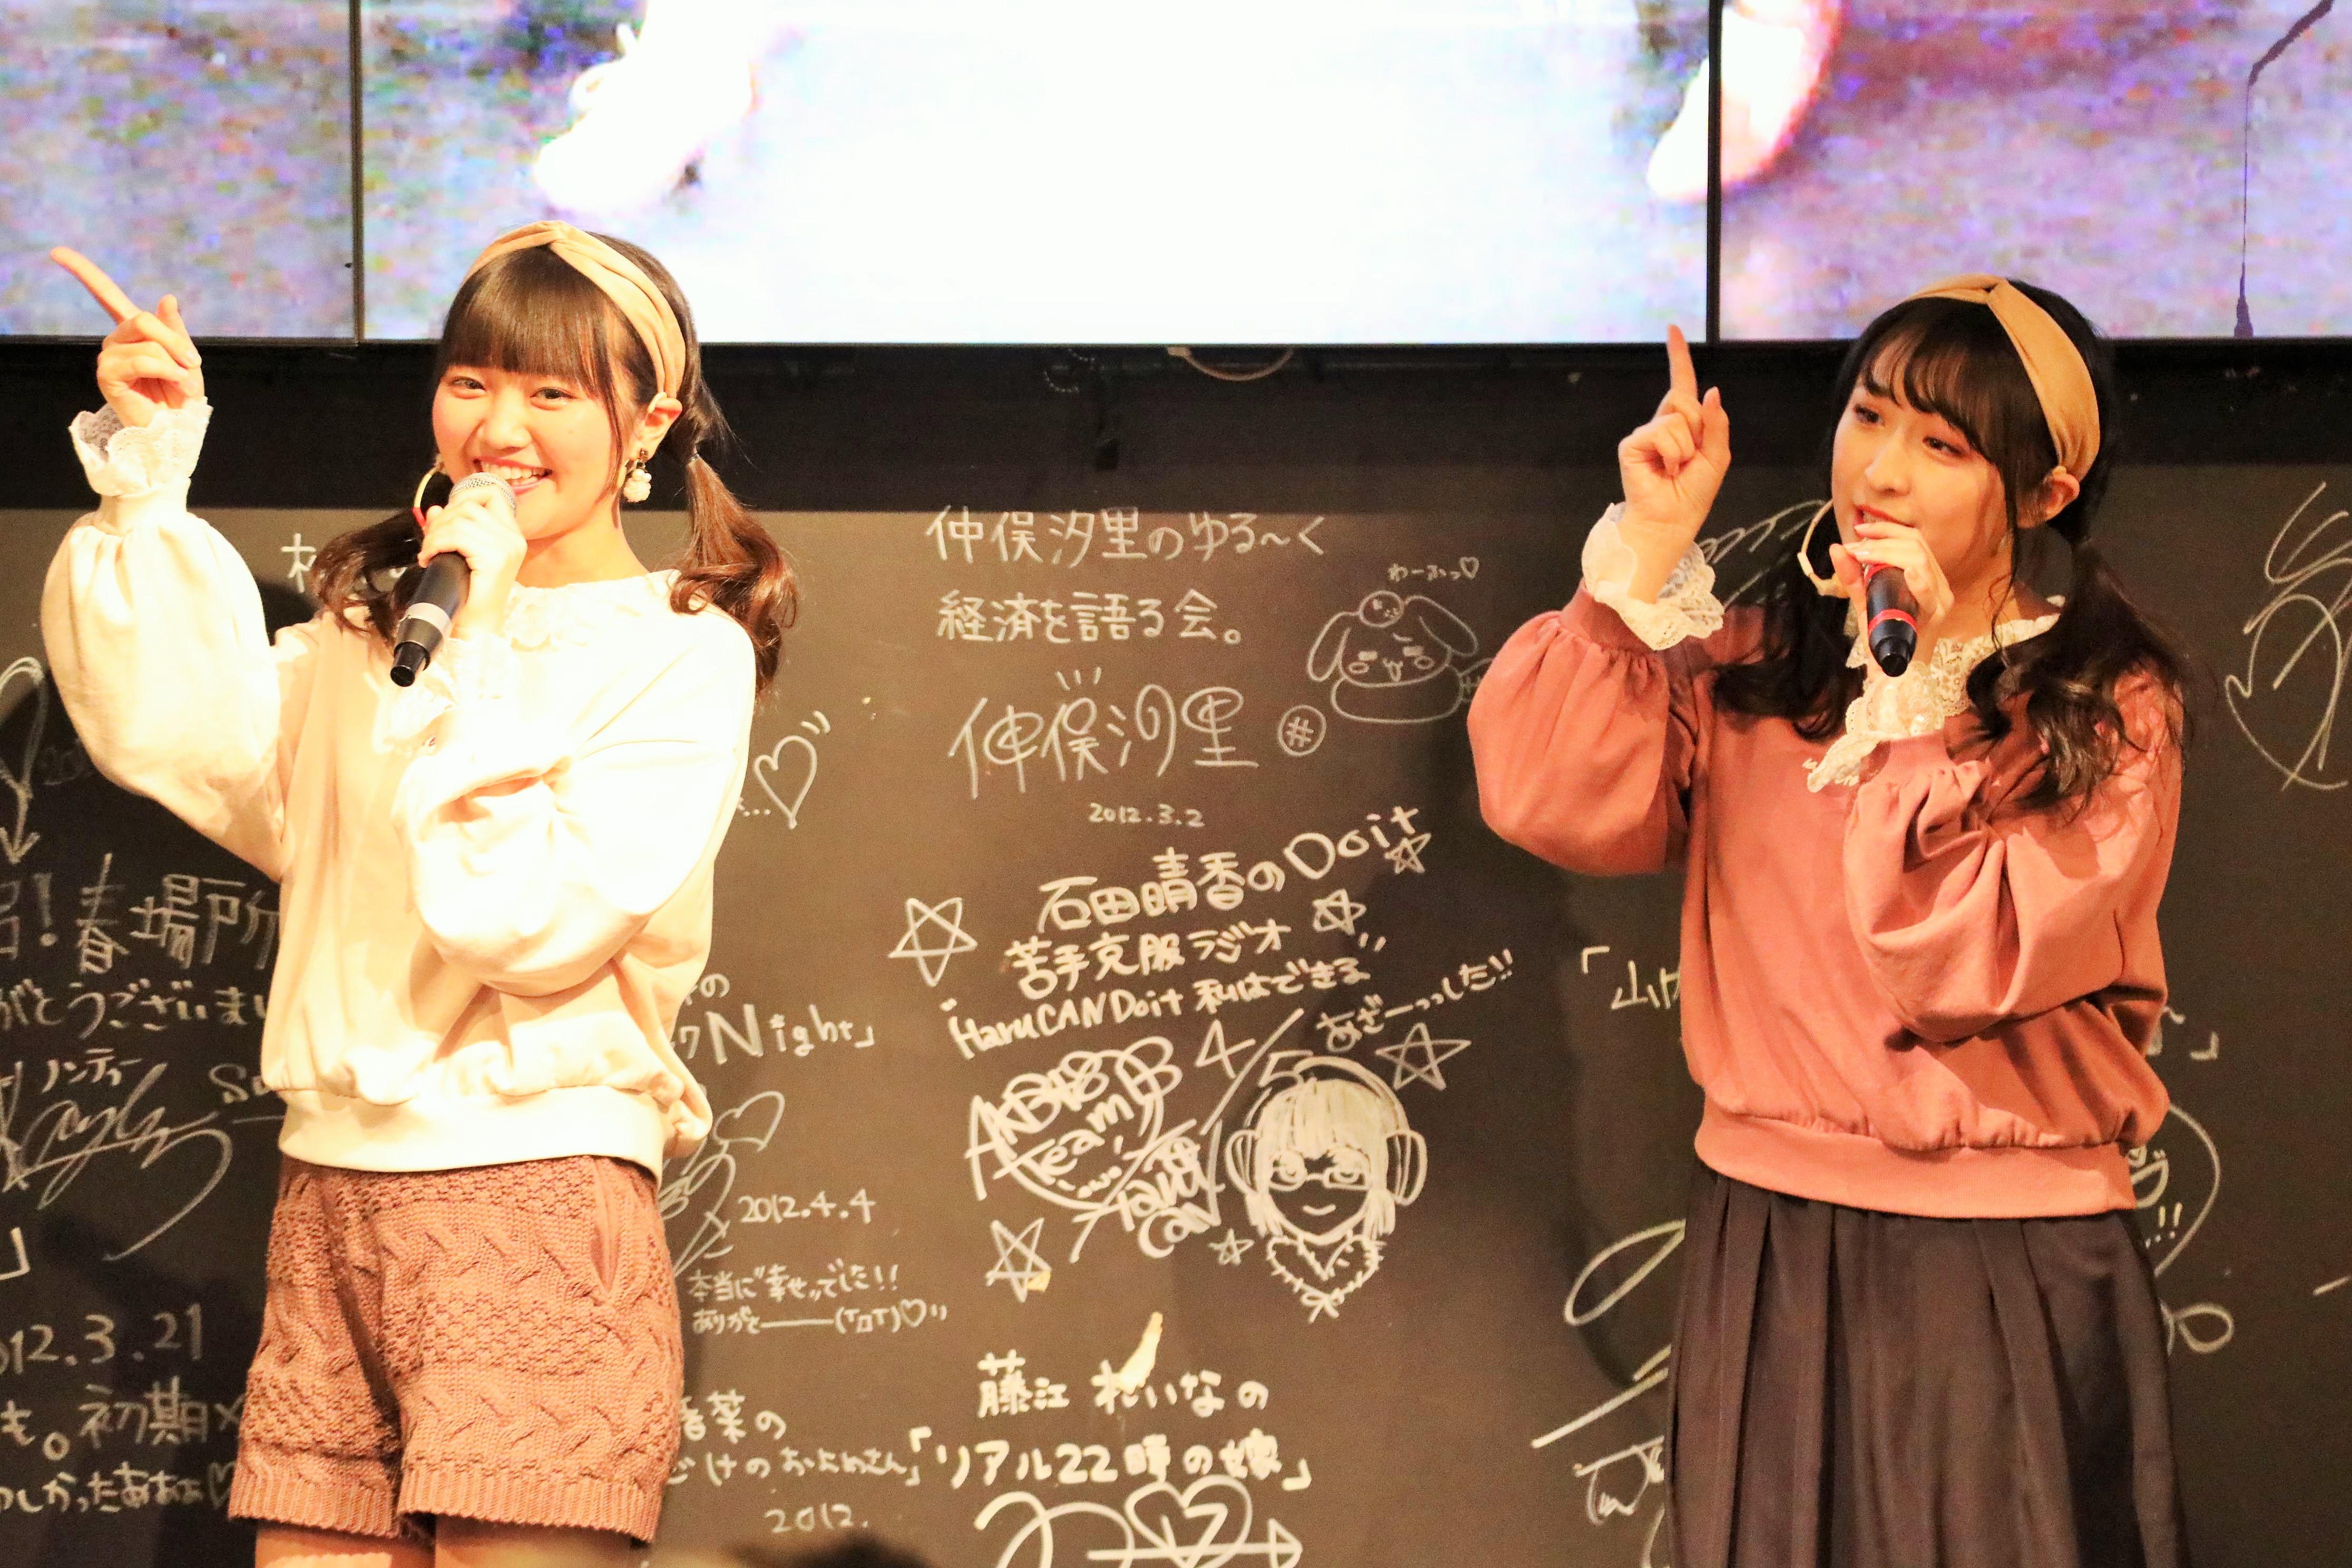 『LOVE修行』を披露する川本と稲垣